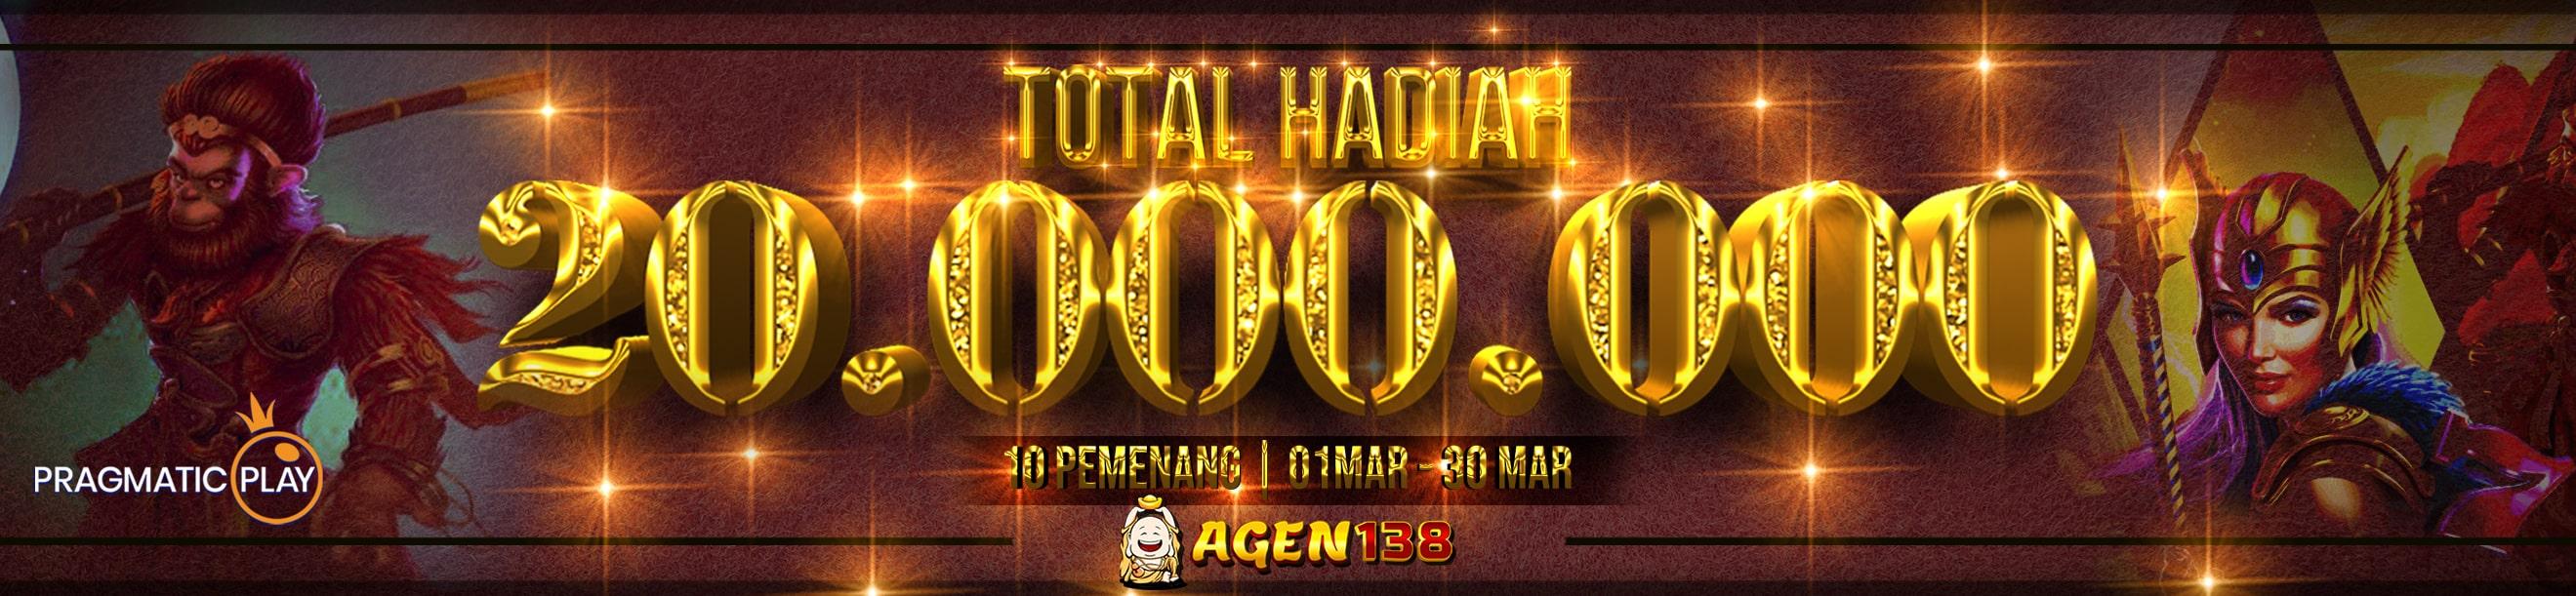 Agen138 Situs Slot Online Terlengkap Agen Judi Online Indonesia